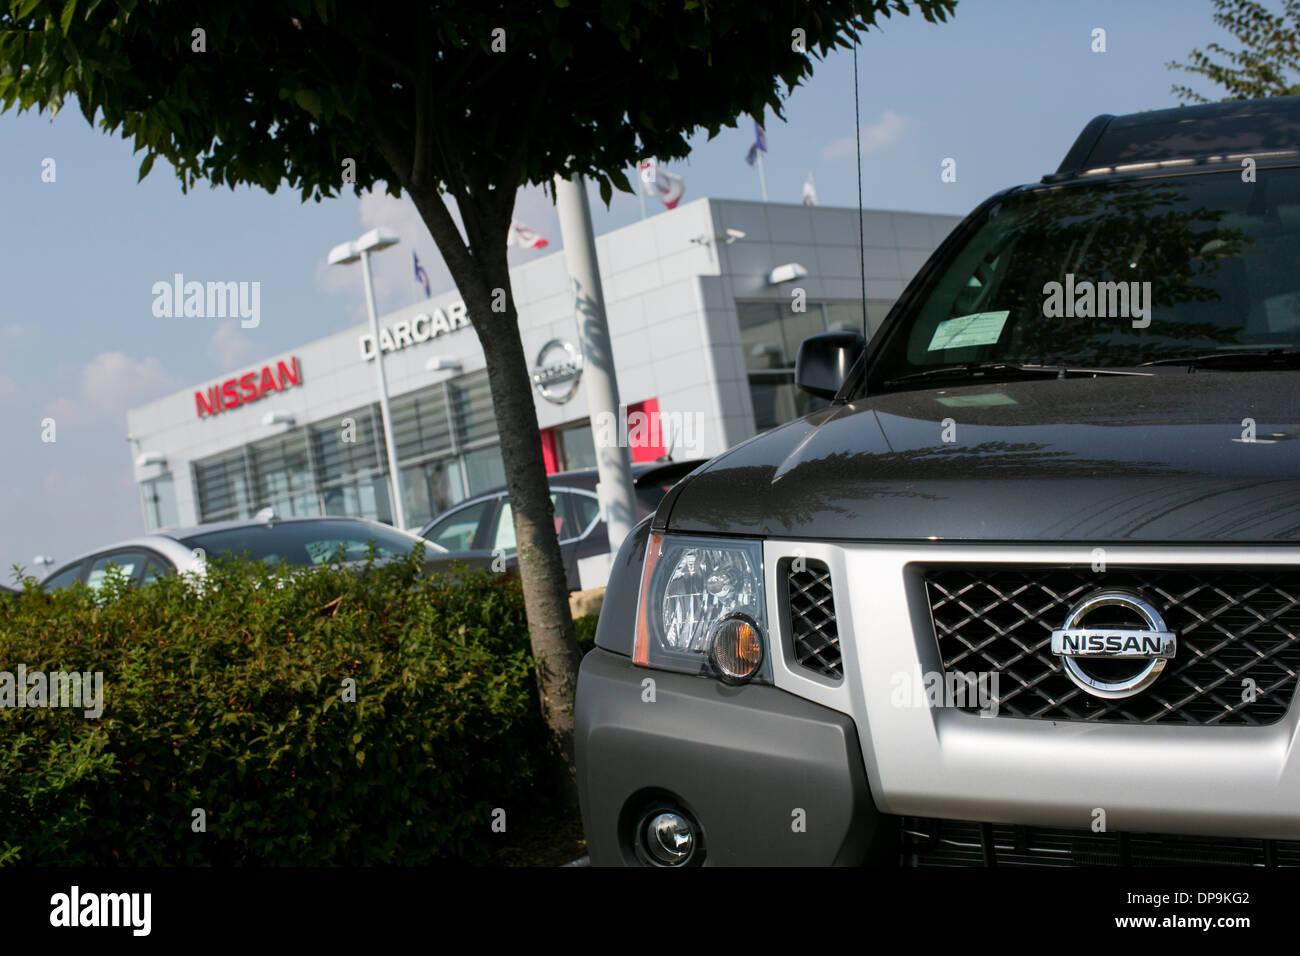 Nissan Händler viel in vorstädtischen Maryland. Stockbild